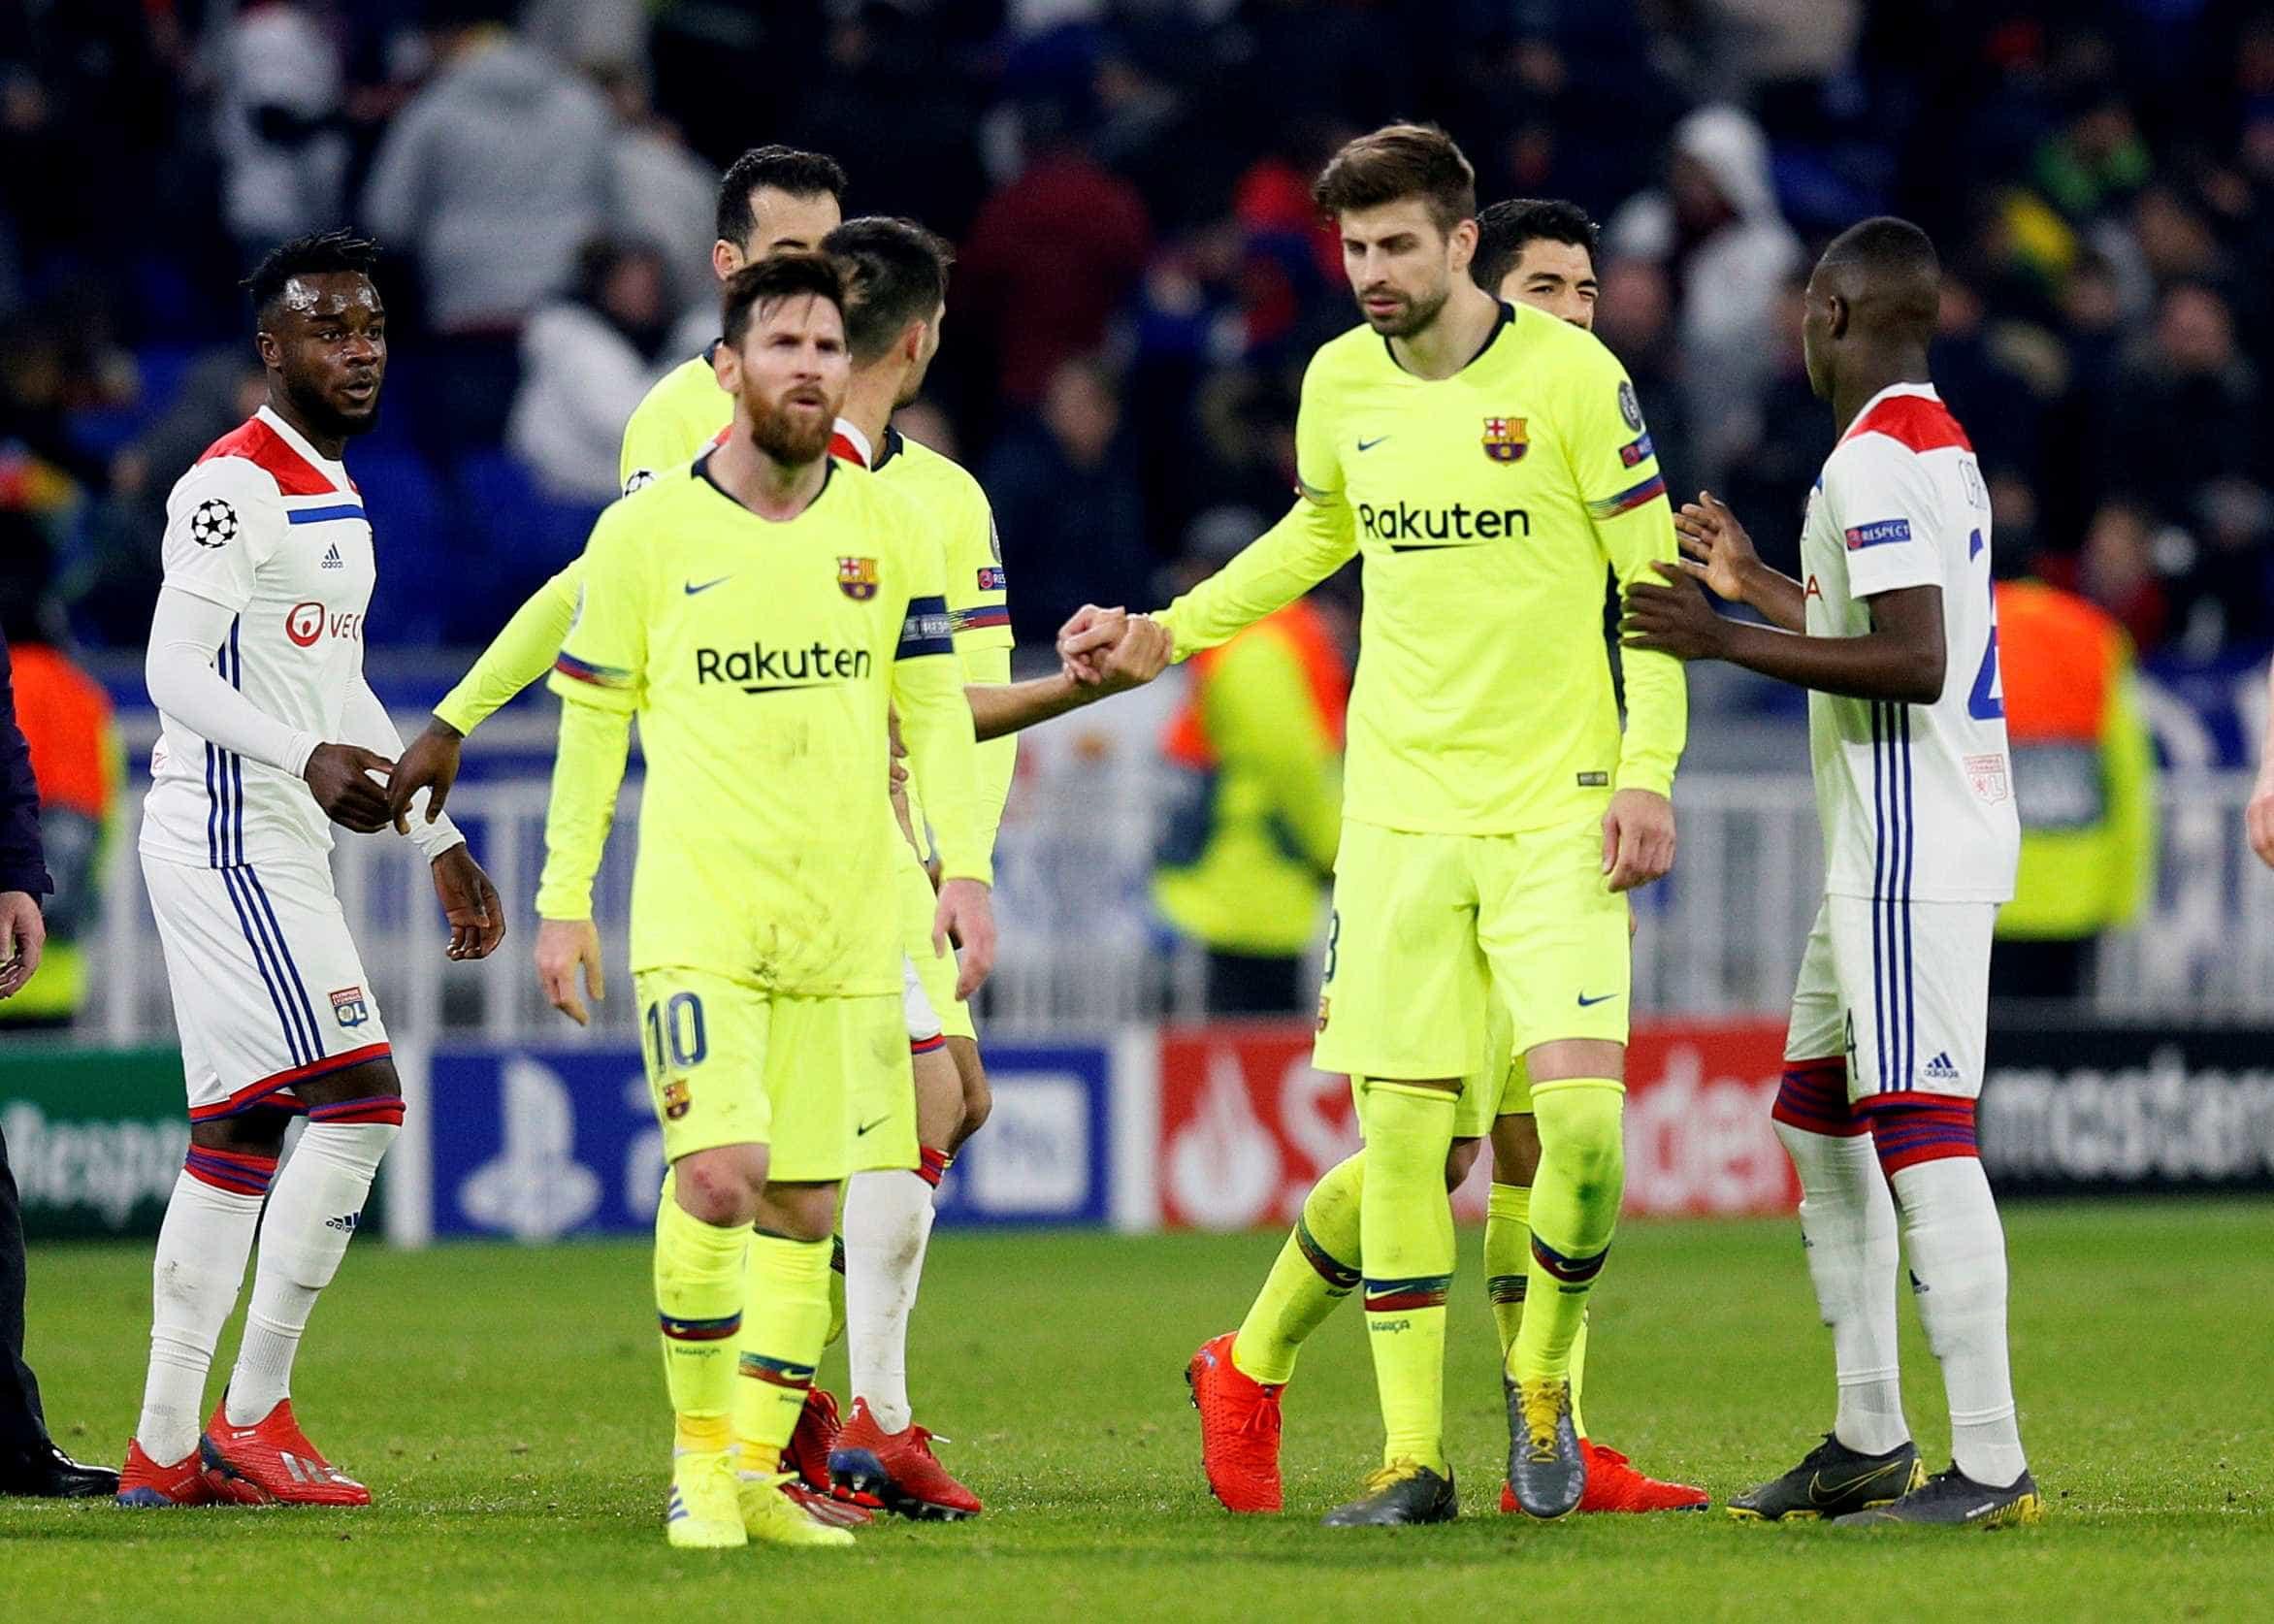 Barcelona fica no 0 a 0 com o Lyon e deixa decisão da vaga para a volta